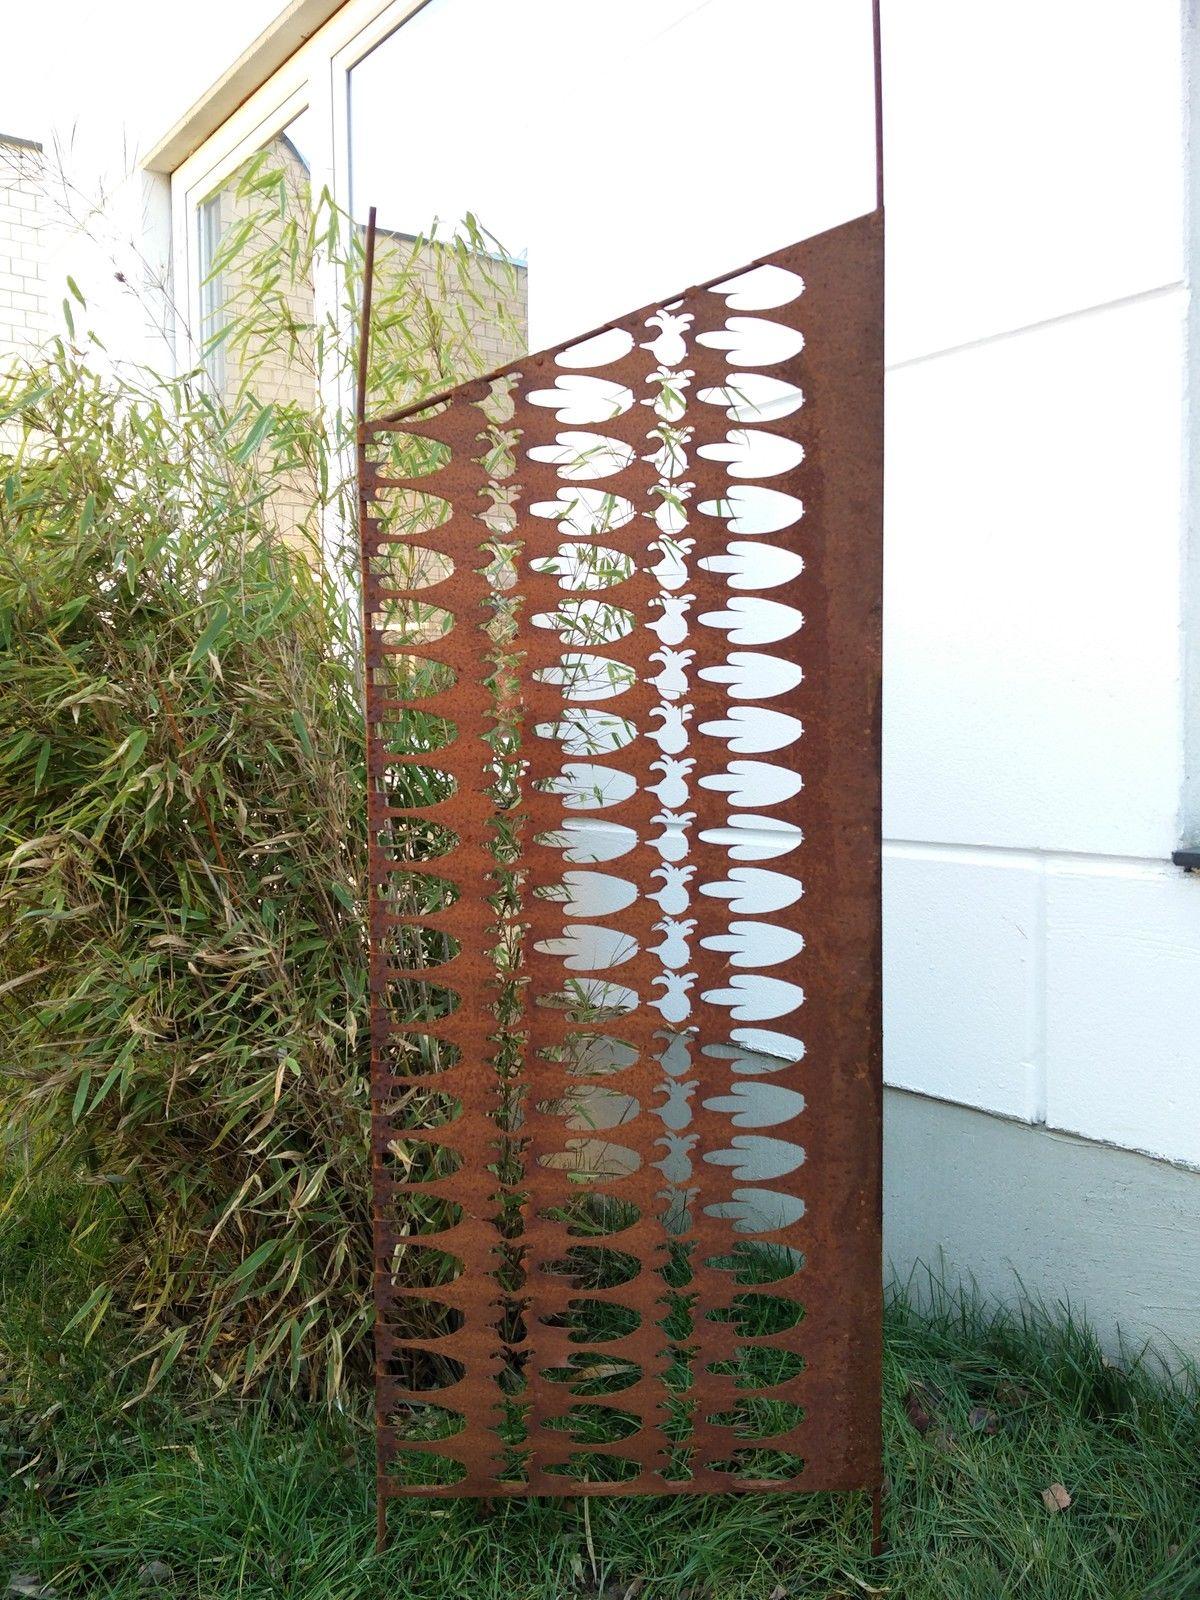 Full Size of Garten Trennwände Trennwand Blumen Motive Sino Han Mini Pool Holzhaus Kind Wassertank Feuerstelle Hochbeet Rattan Sofa Swimmingpool Versicherung Tisch Wohnzimmer Garten Trennwände